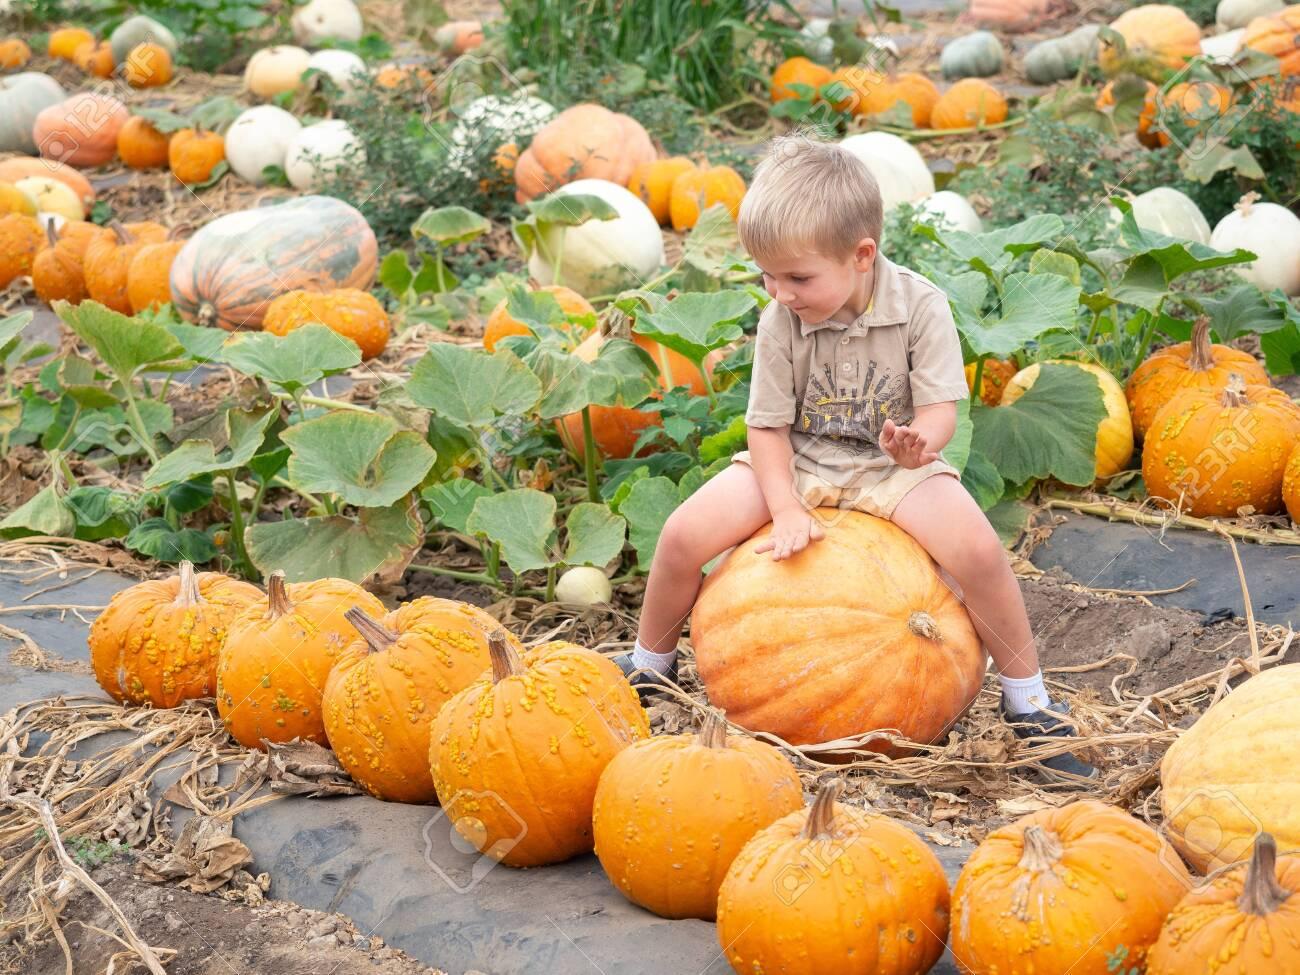 Little boy sitting on big pumpkin on farm patch - 115343659